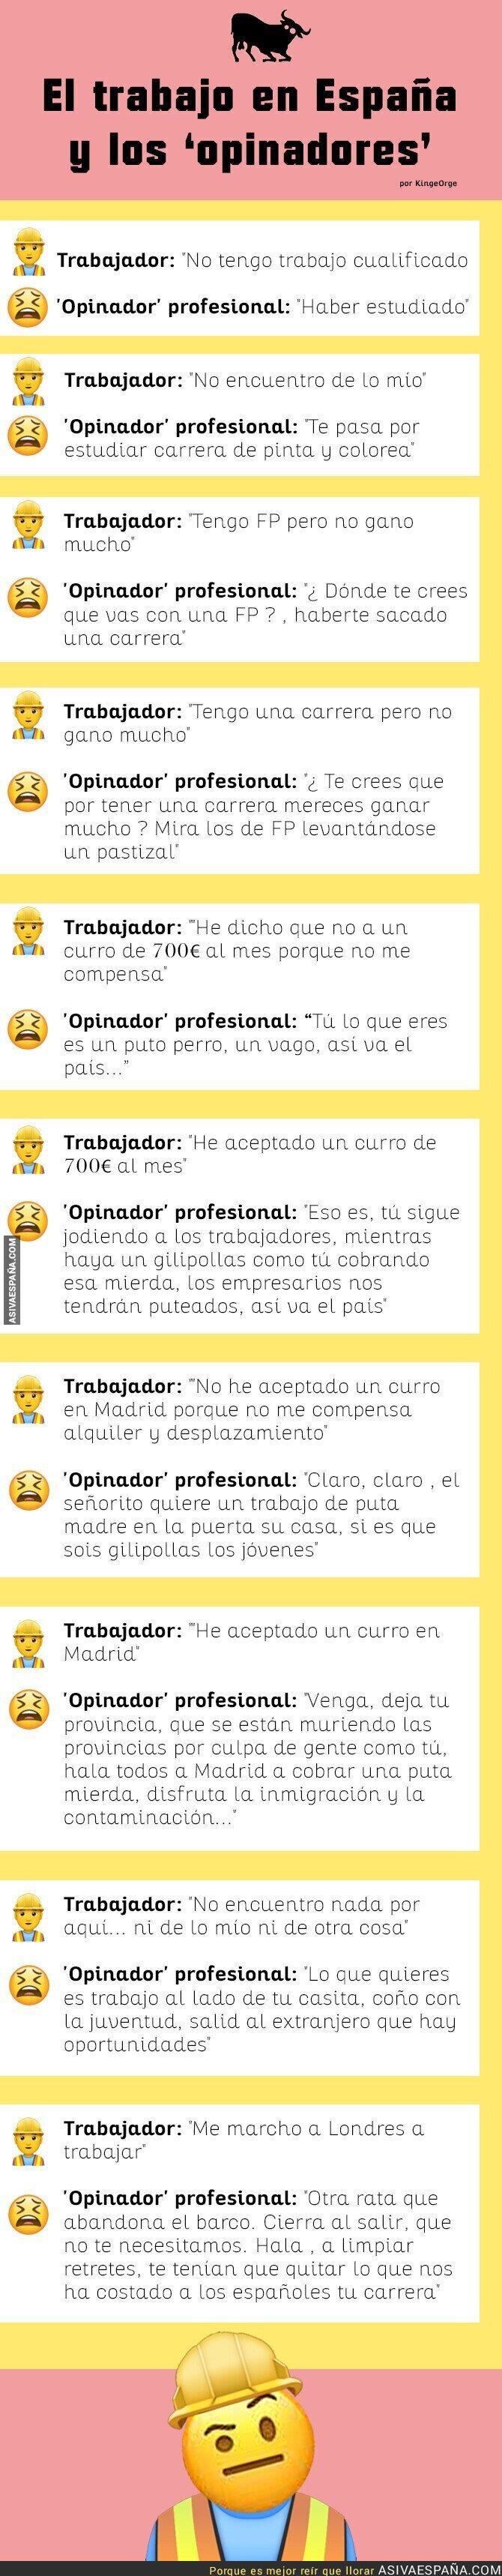 118406 - El trabajo en España y los 'opinadores'